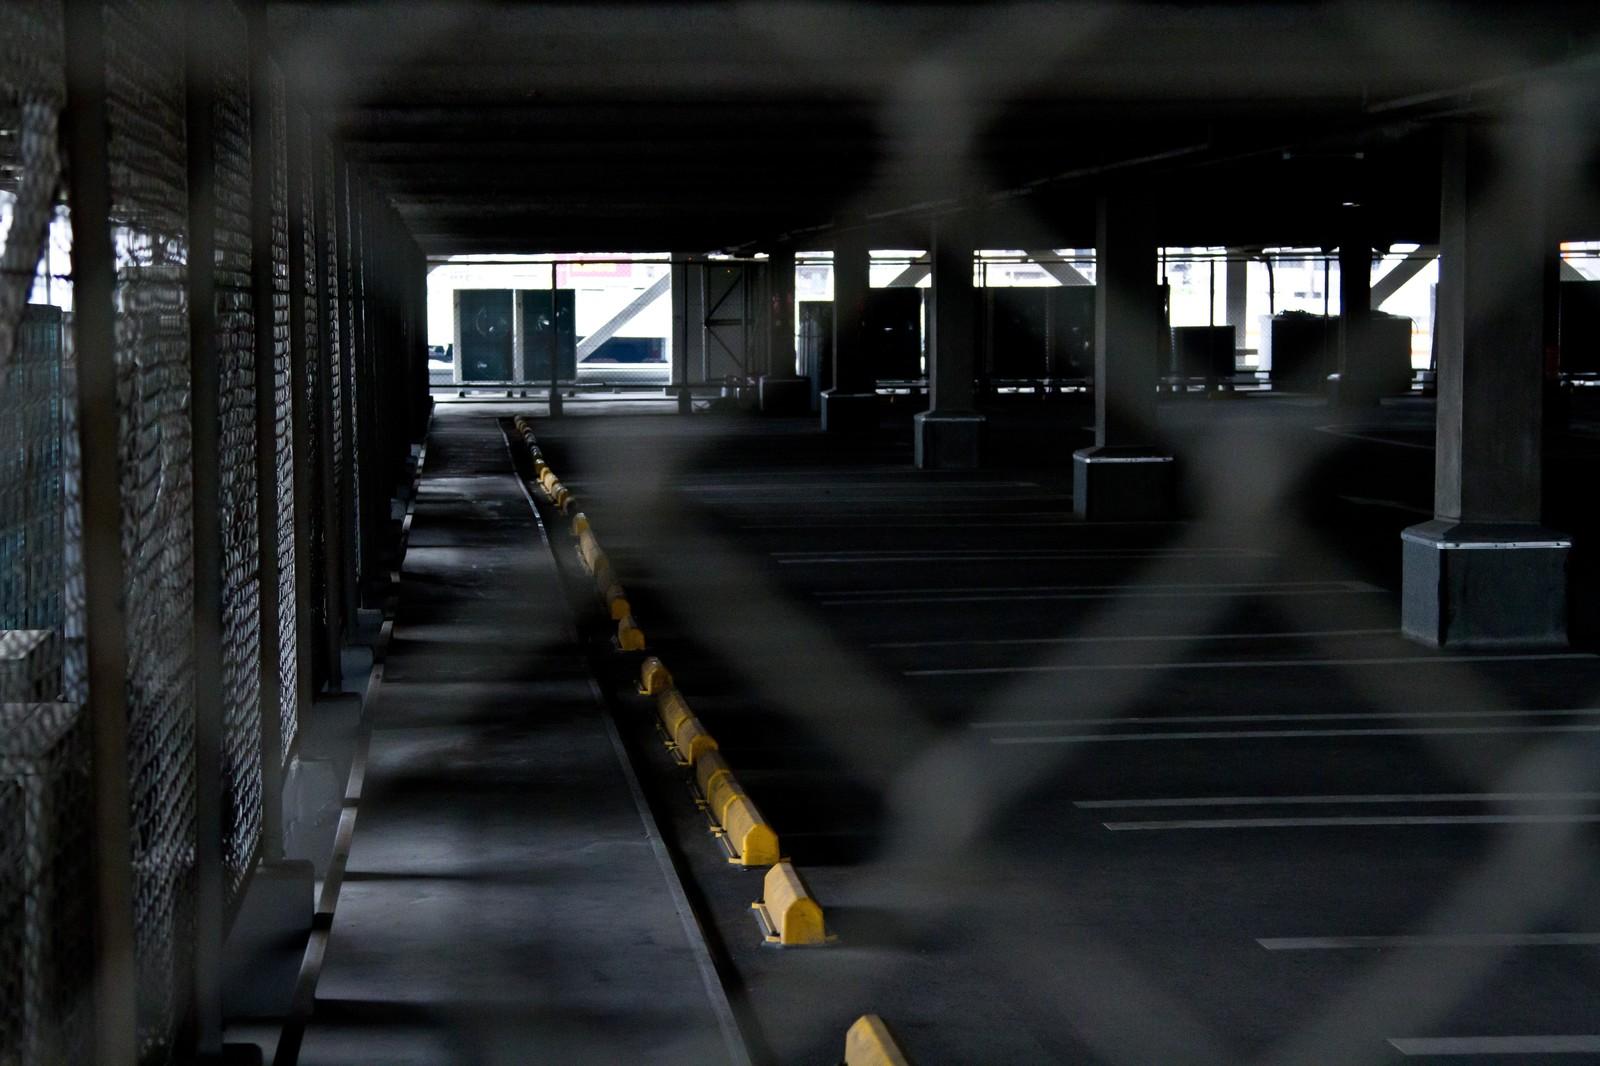 イオンモール長久手の駐車場料金や待ち時間は?各入口や混雑状況も調査!